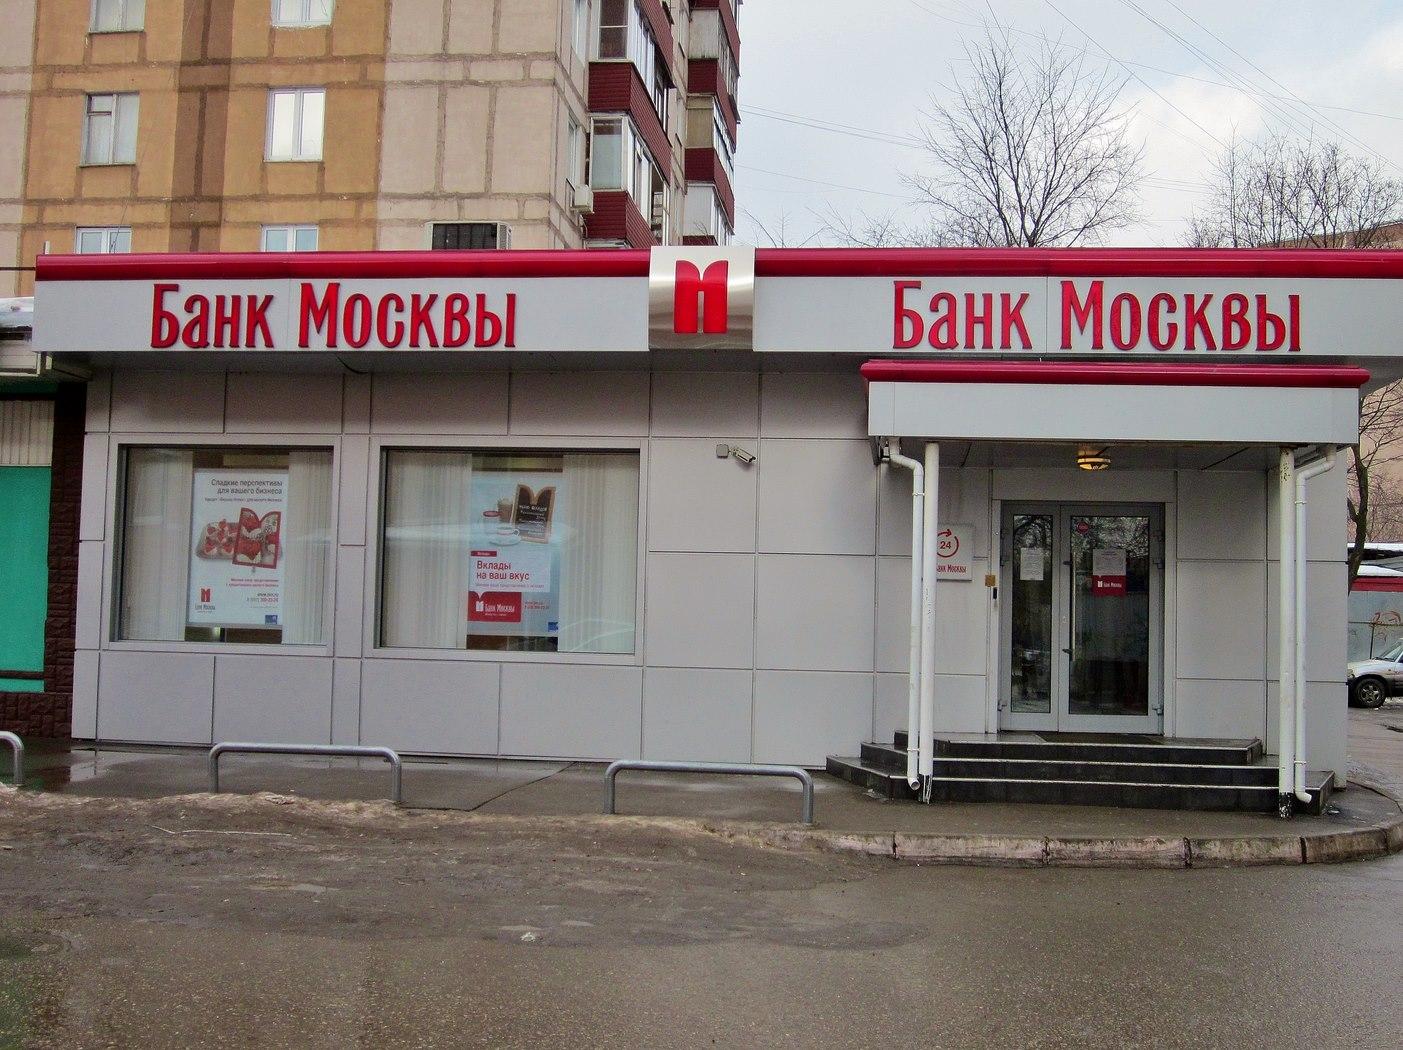 Банк москвы ru 6 фотография